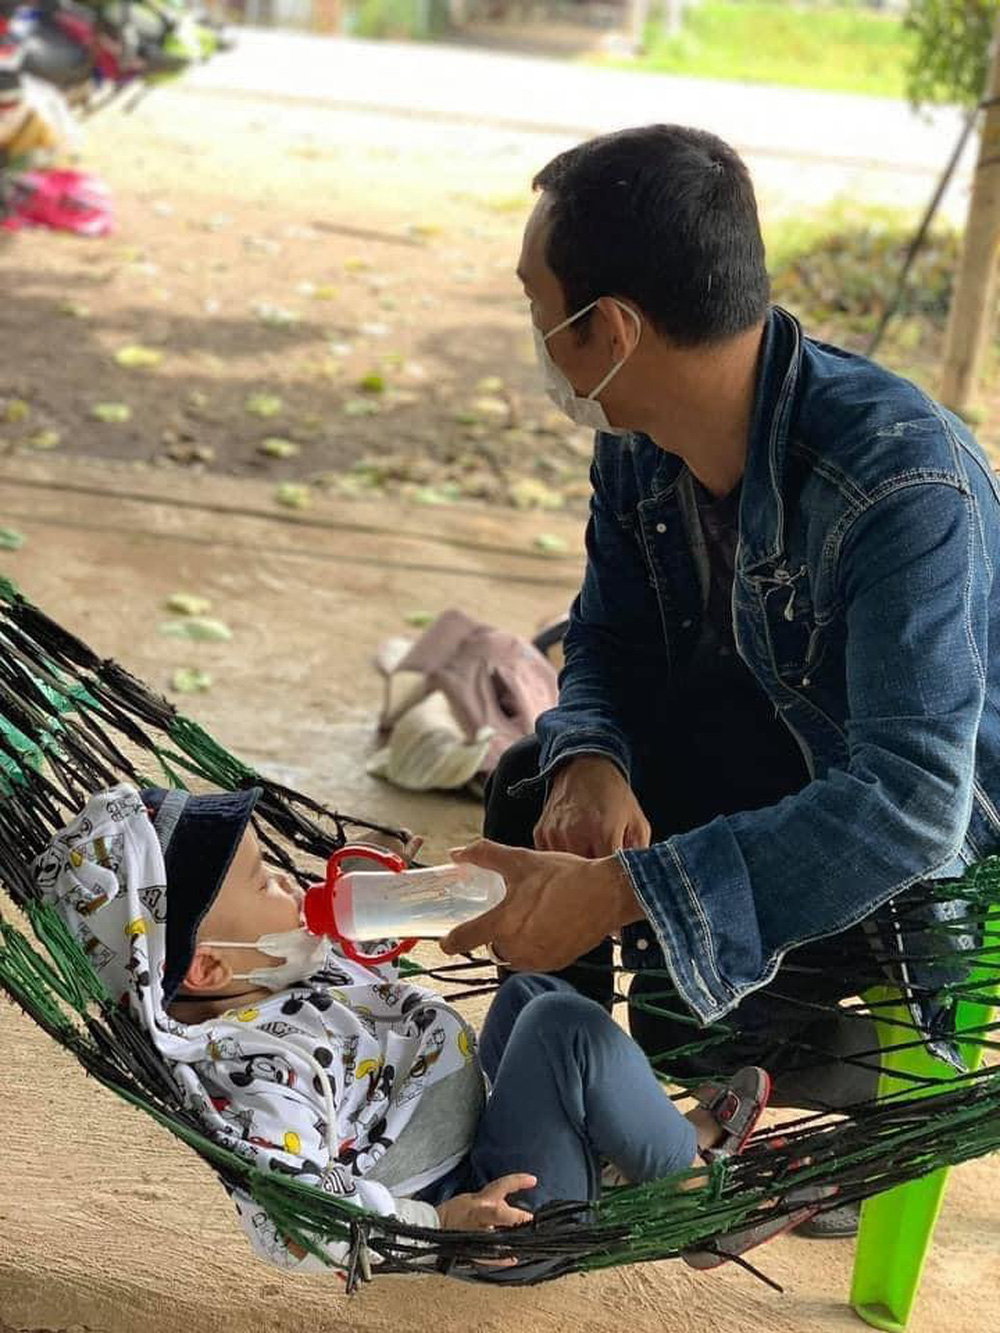 Người bố một mình địu con 2 tuổi đi xe máy hồi hương: Nó nhớ hơi mẹ, cứ khóc suốt - Ảnh 2.